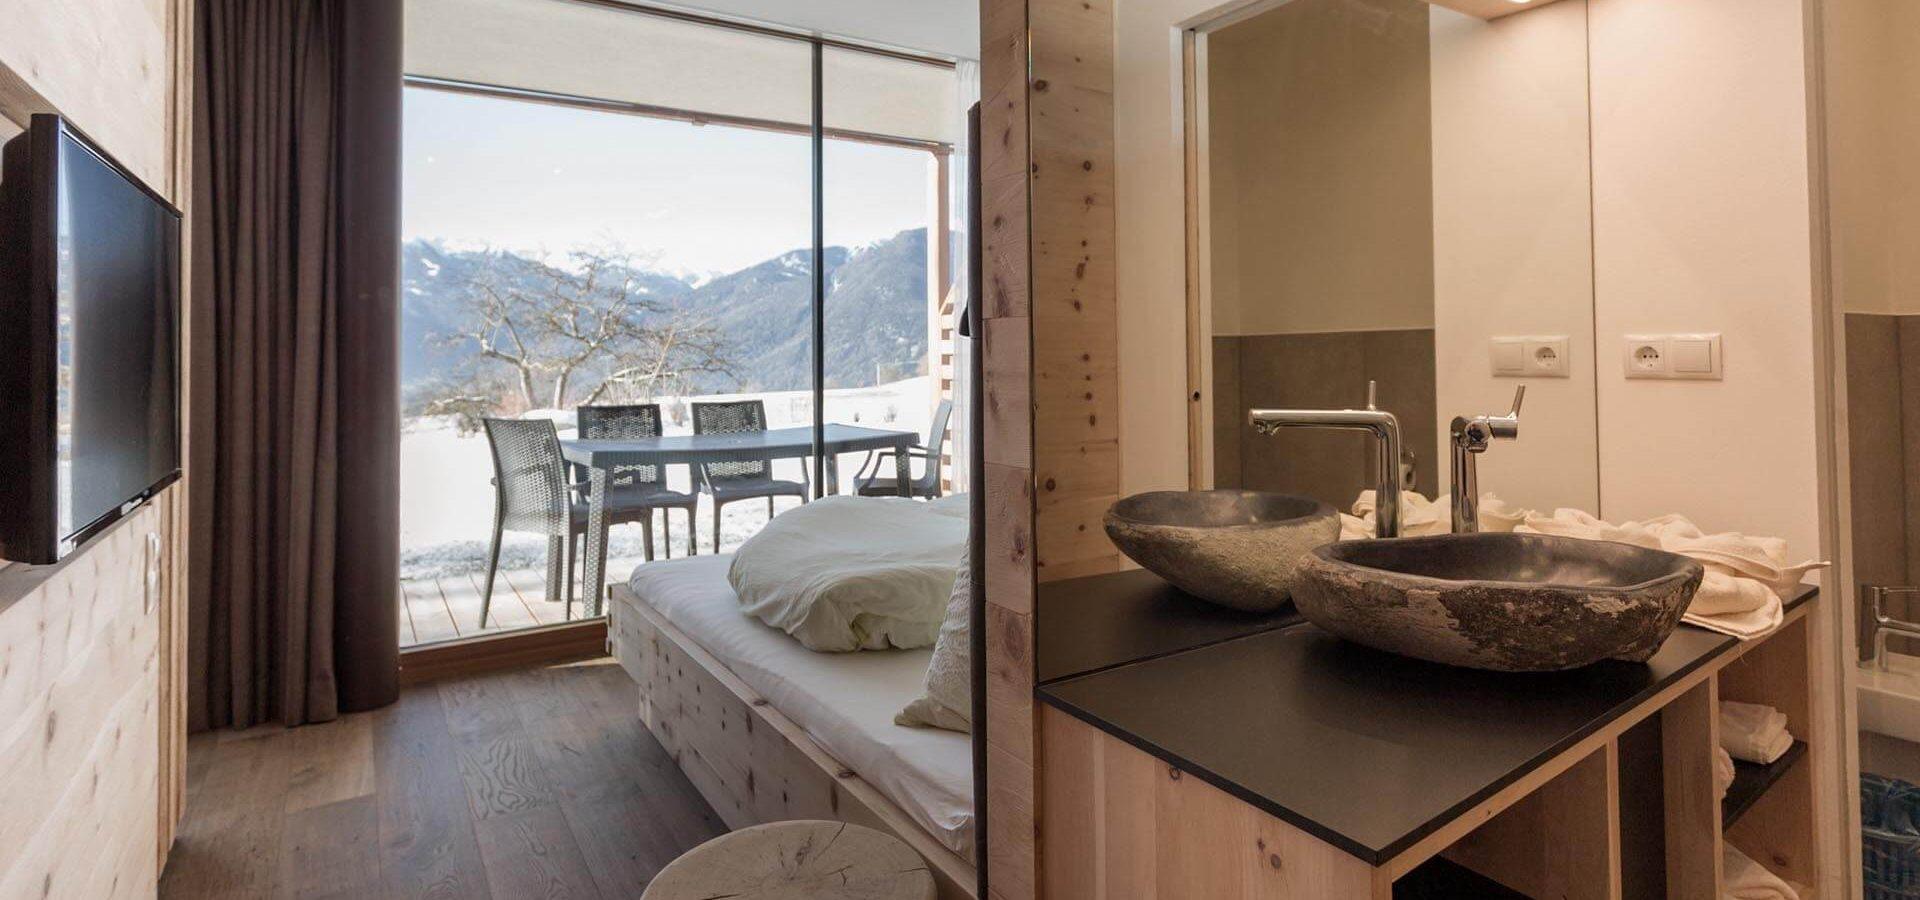 komfortable und moderne Luxusferienwohnung Südtirol